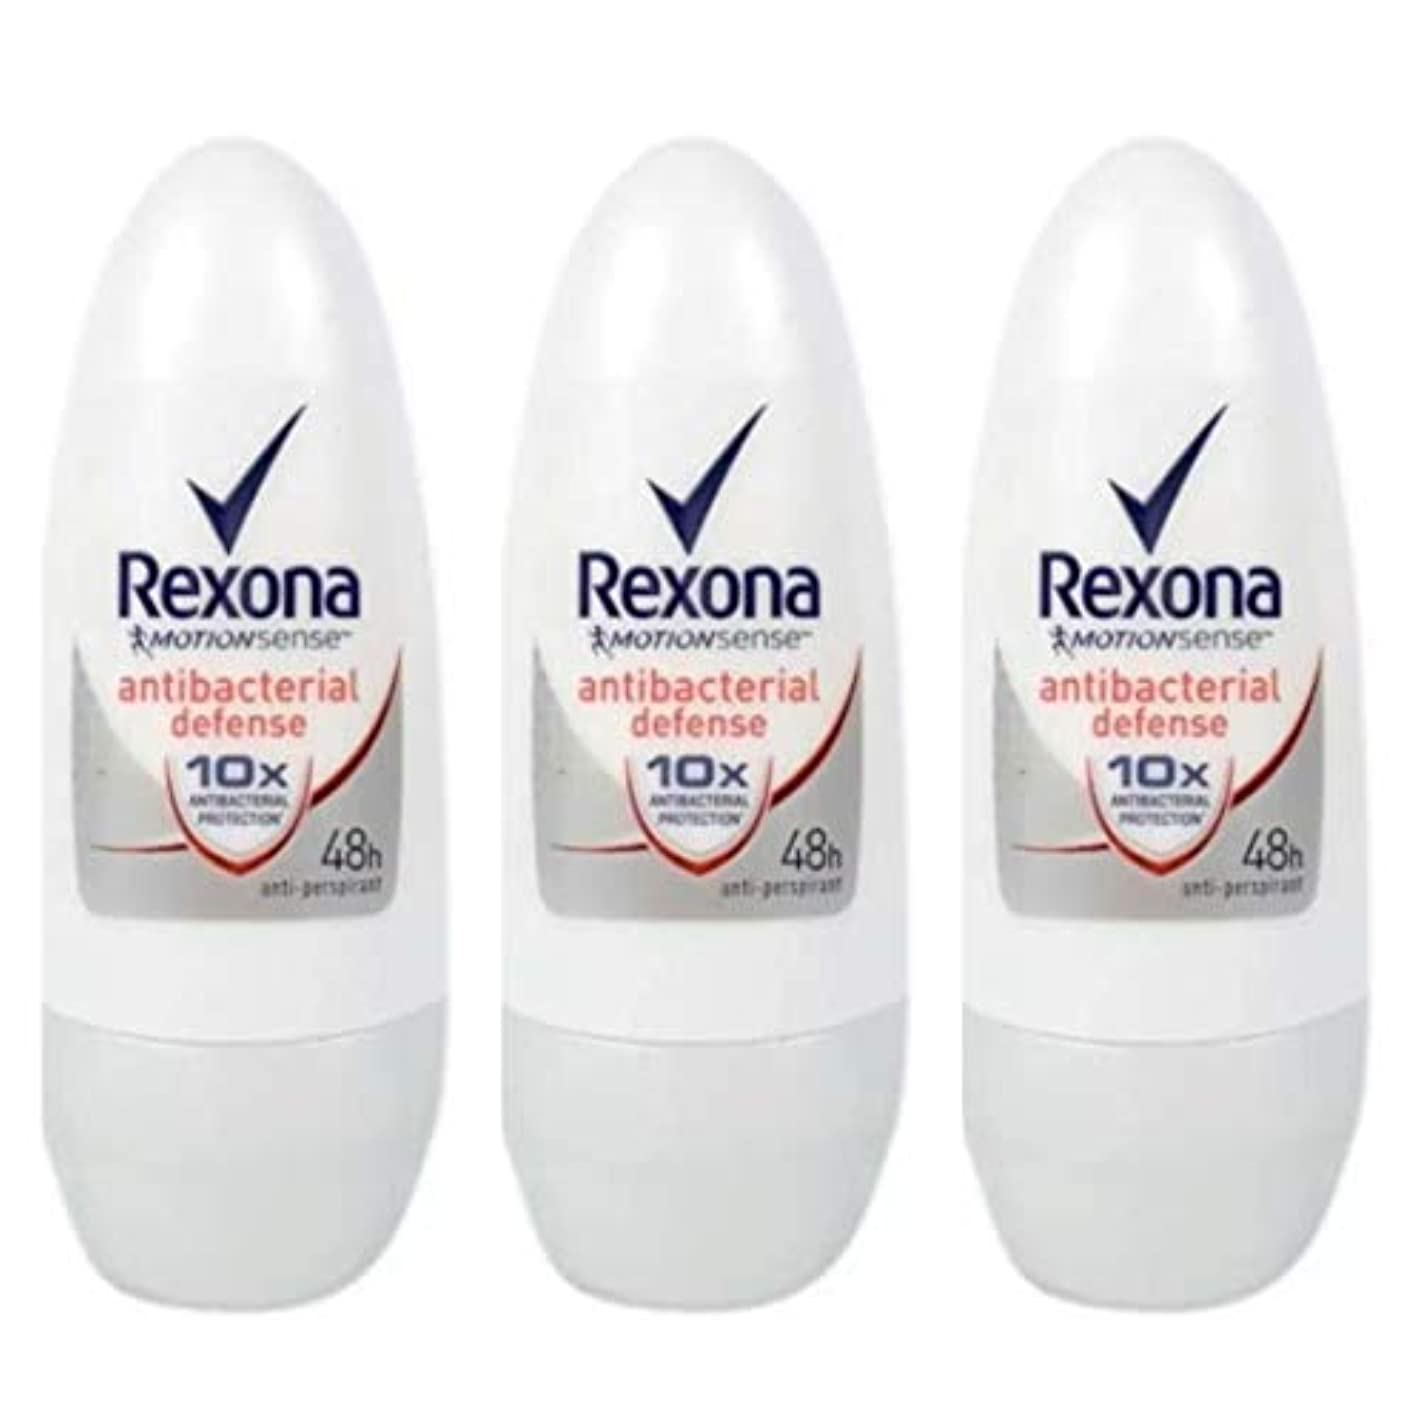 威する別の健康Rexona レクソナ 制汗 デオドラント ロールオン antibacterial defense アンチバクテリアル ディフェンス50ml 3個 [並行輸入品]